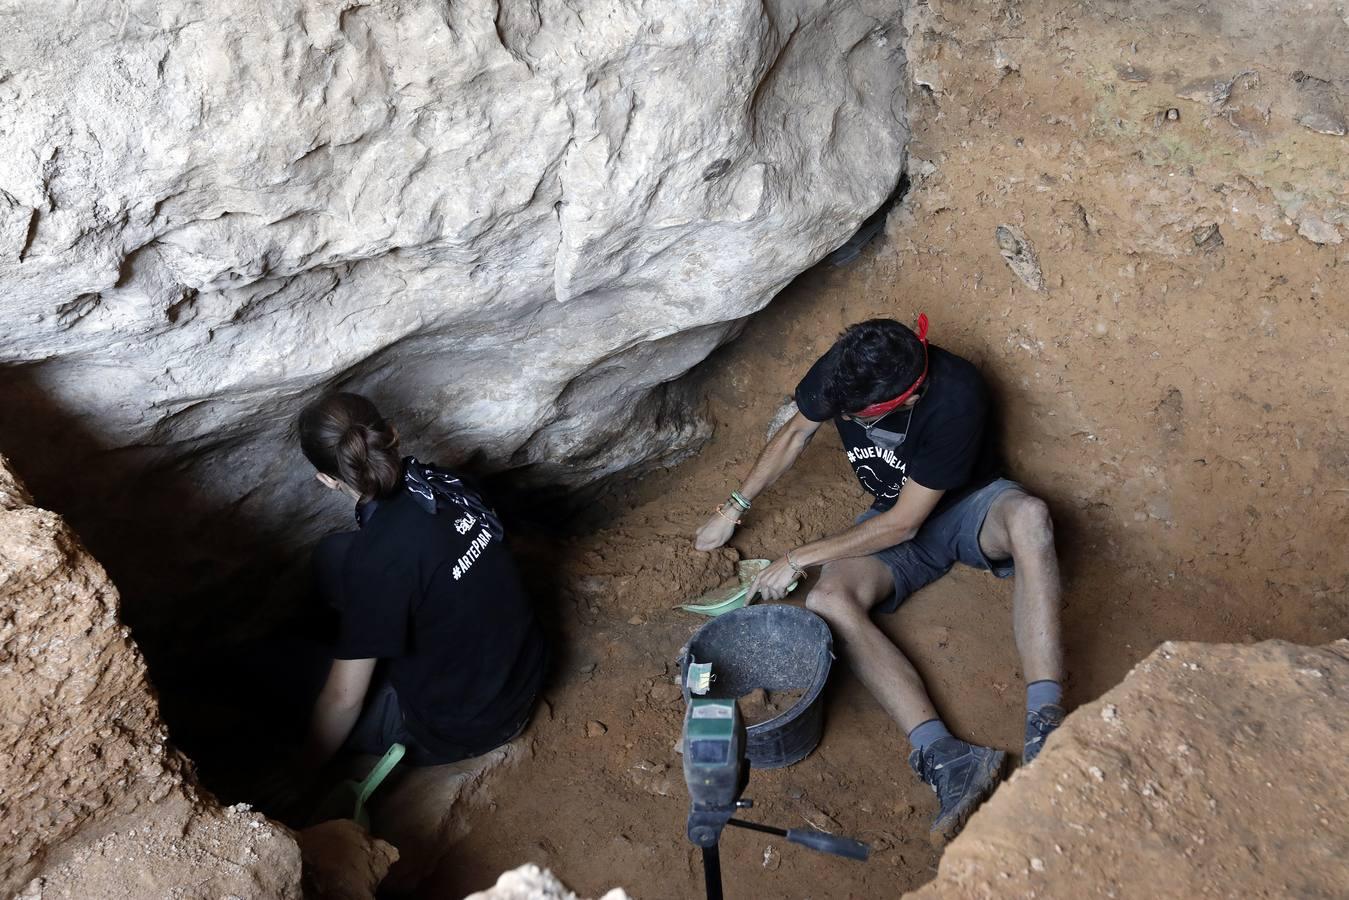 La Cueva del Arco al descubierto